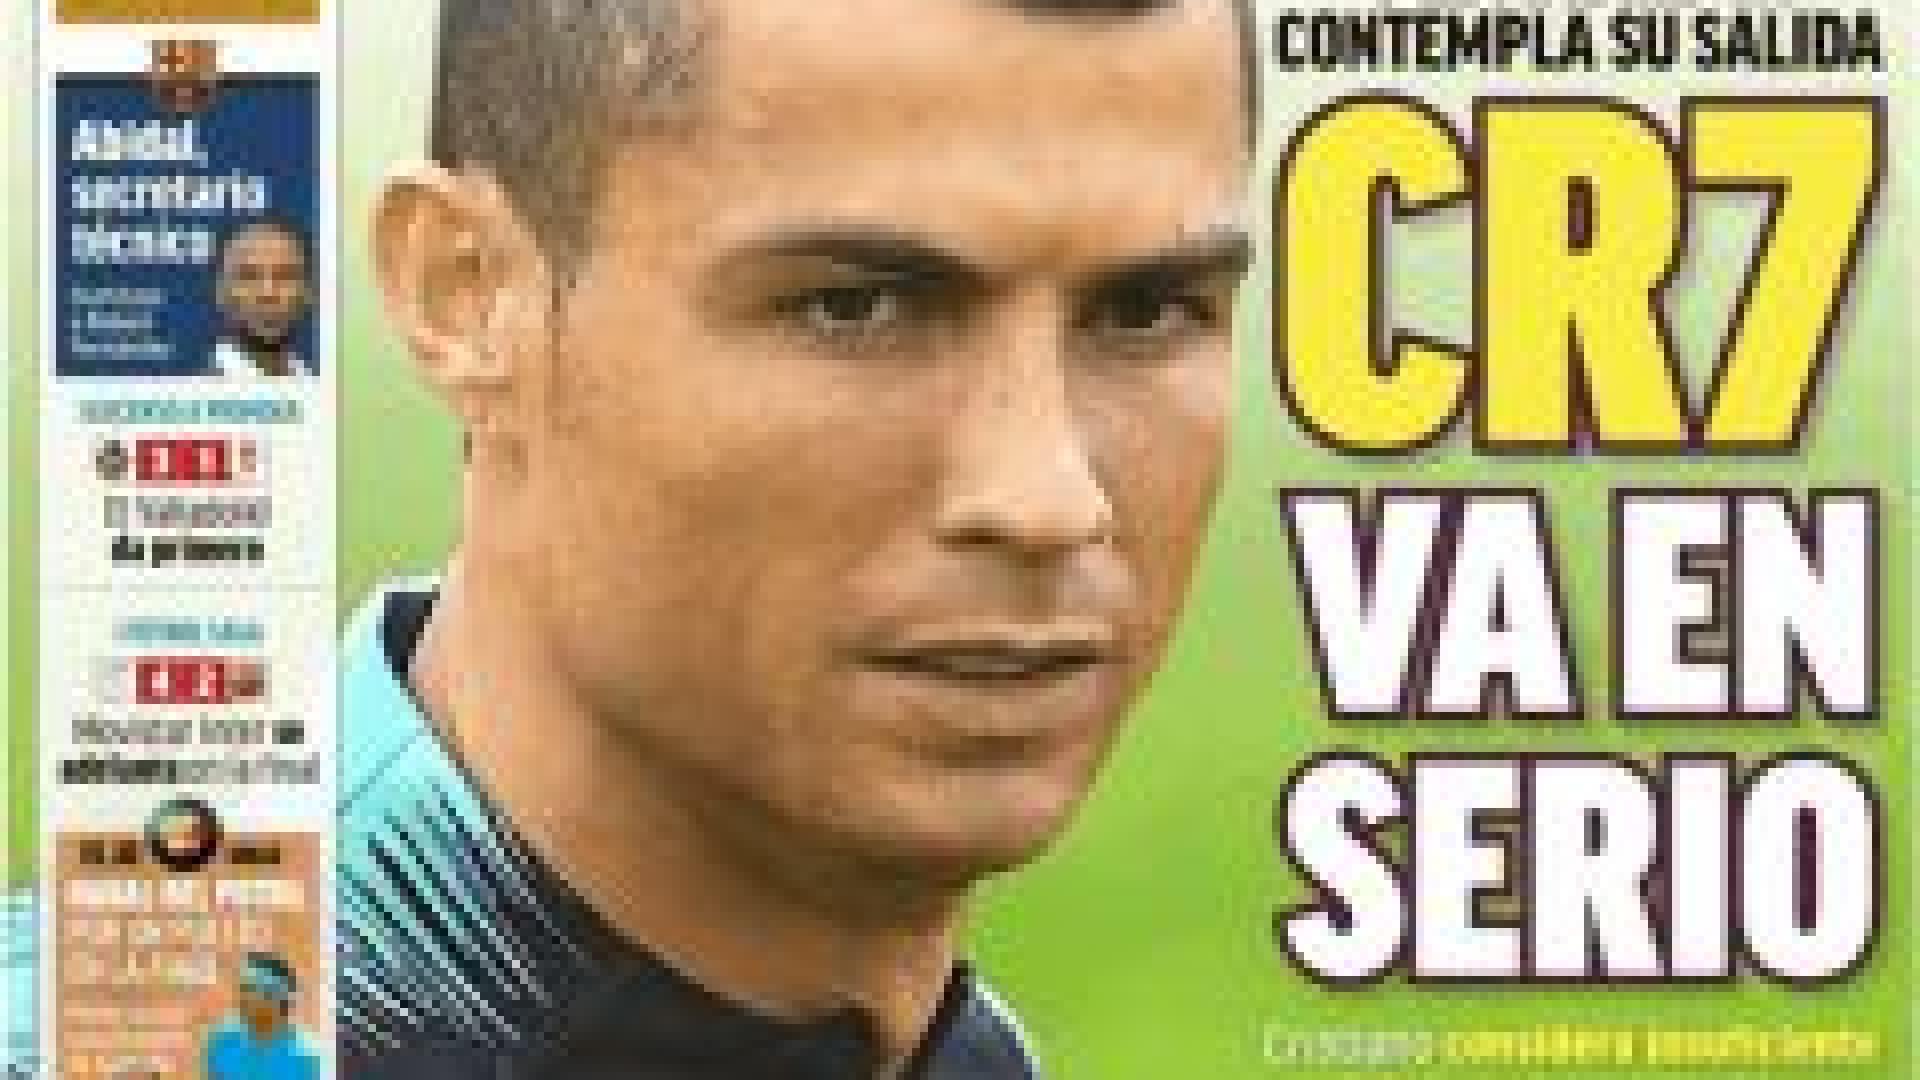 Lá por fora: Entre o adeus de Ronaldo e o regresso de Abidal